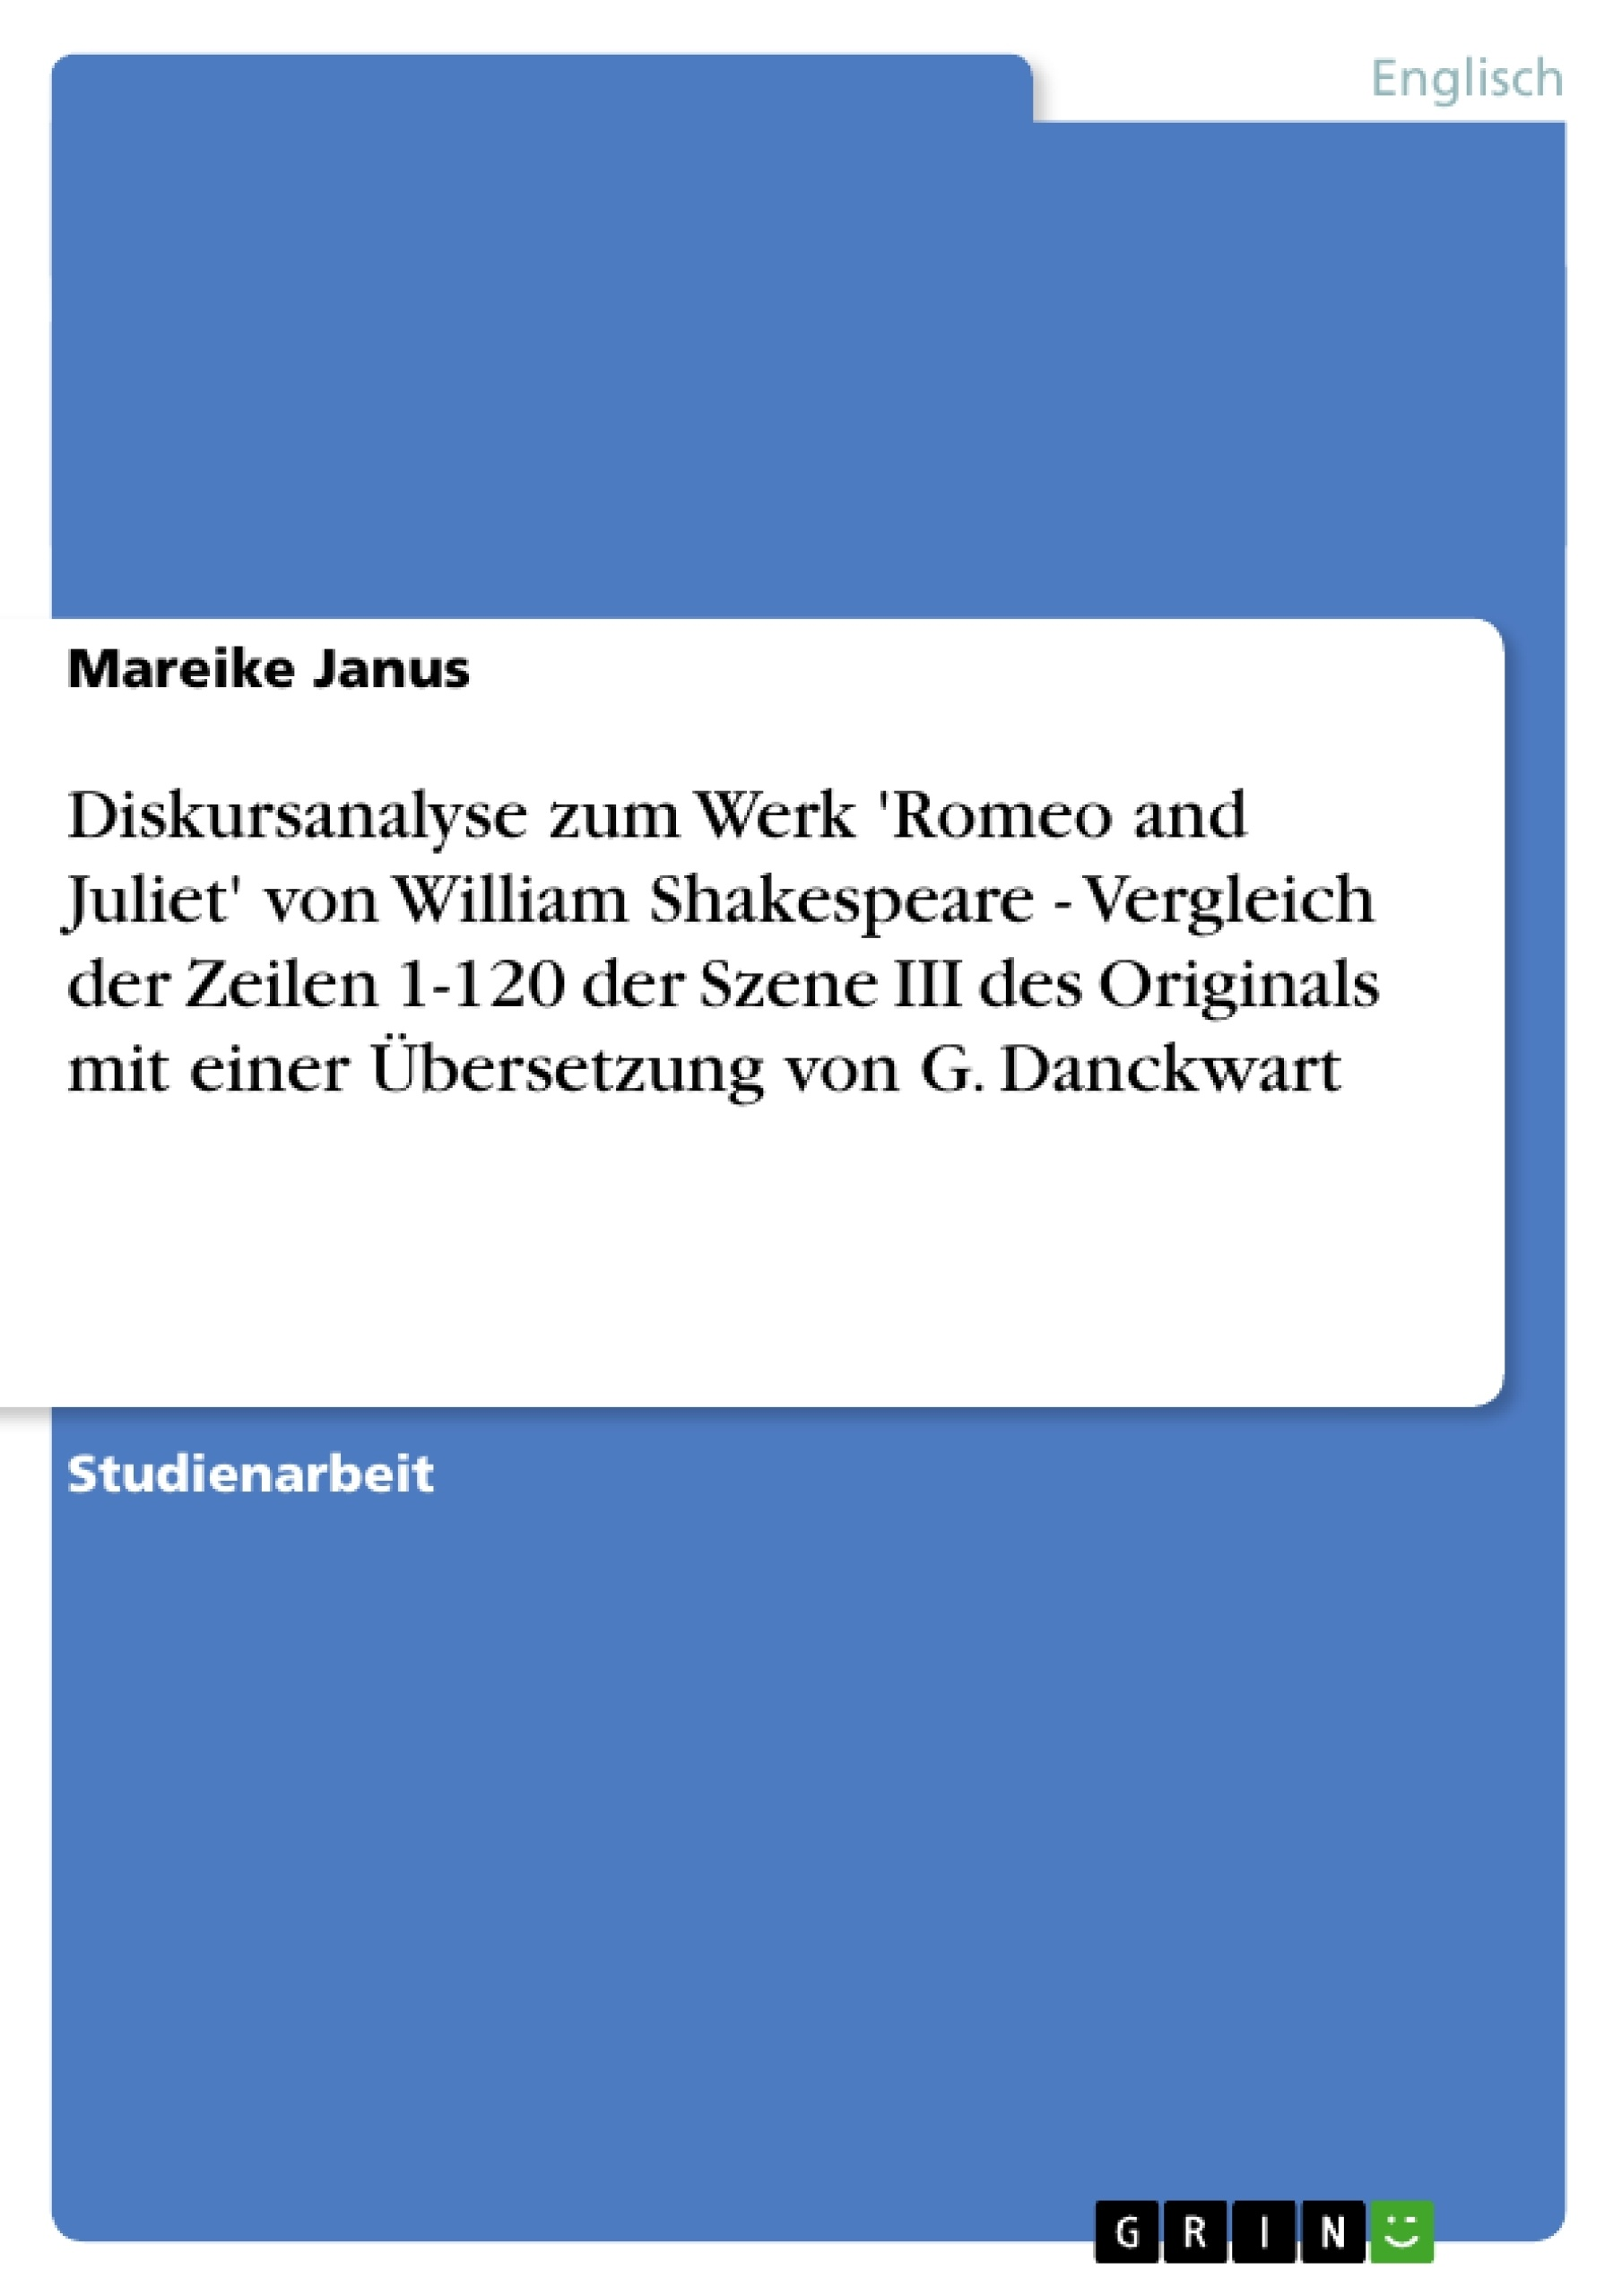 Titel: Diskursanalyse zum Werk 'Romeo and Juliet' von William Shakespeare - Vergleich der Zeilen 1-120 der Szene III des Originals mit einer Übersetzung von G. Danckwart